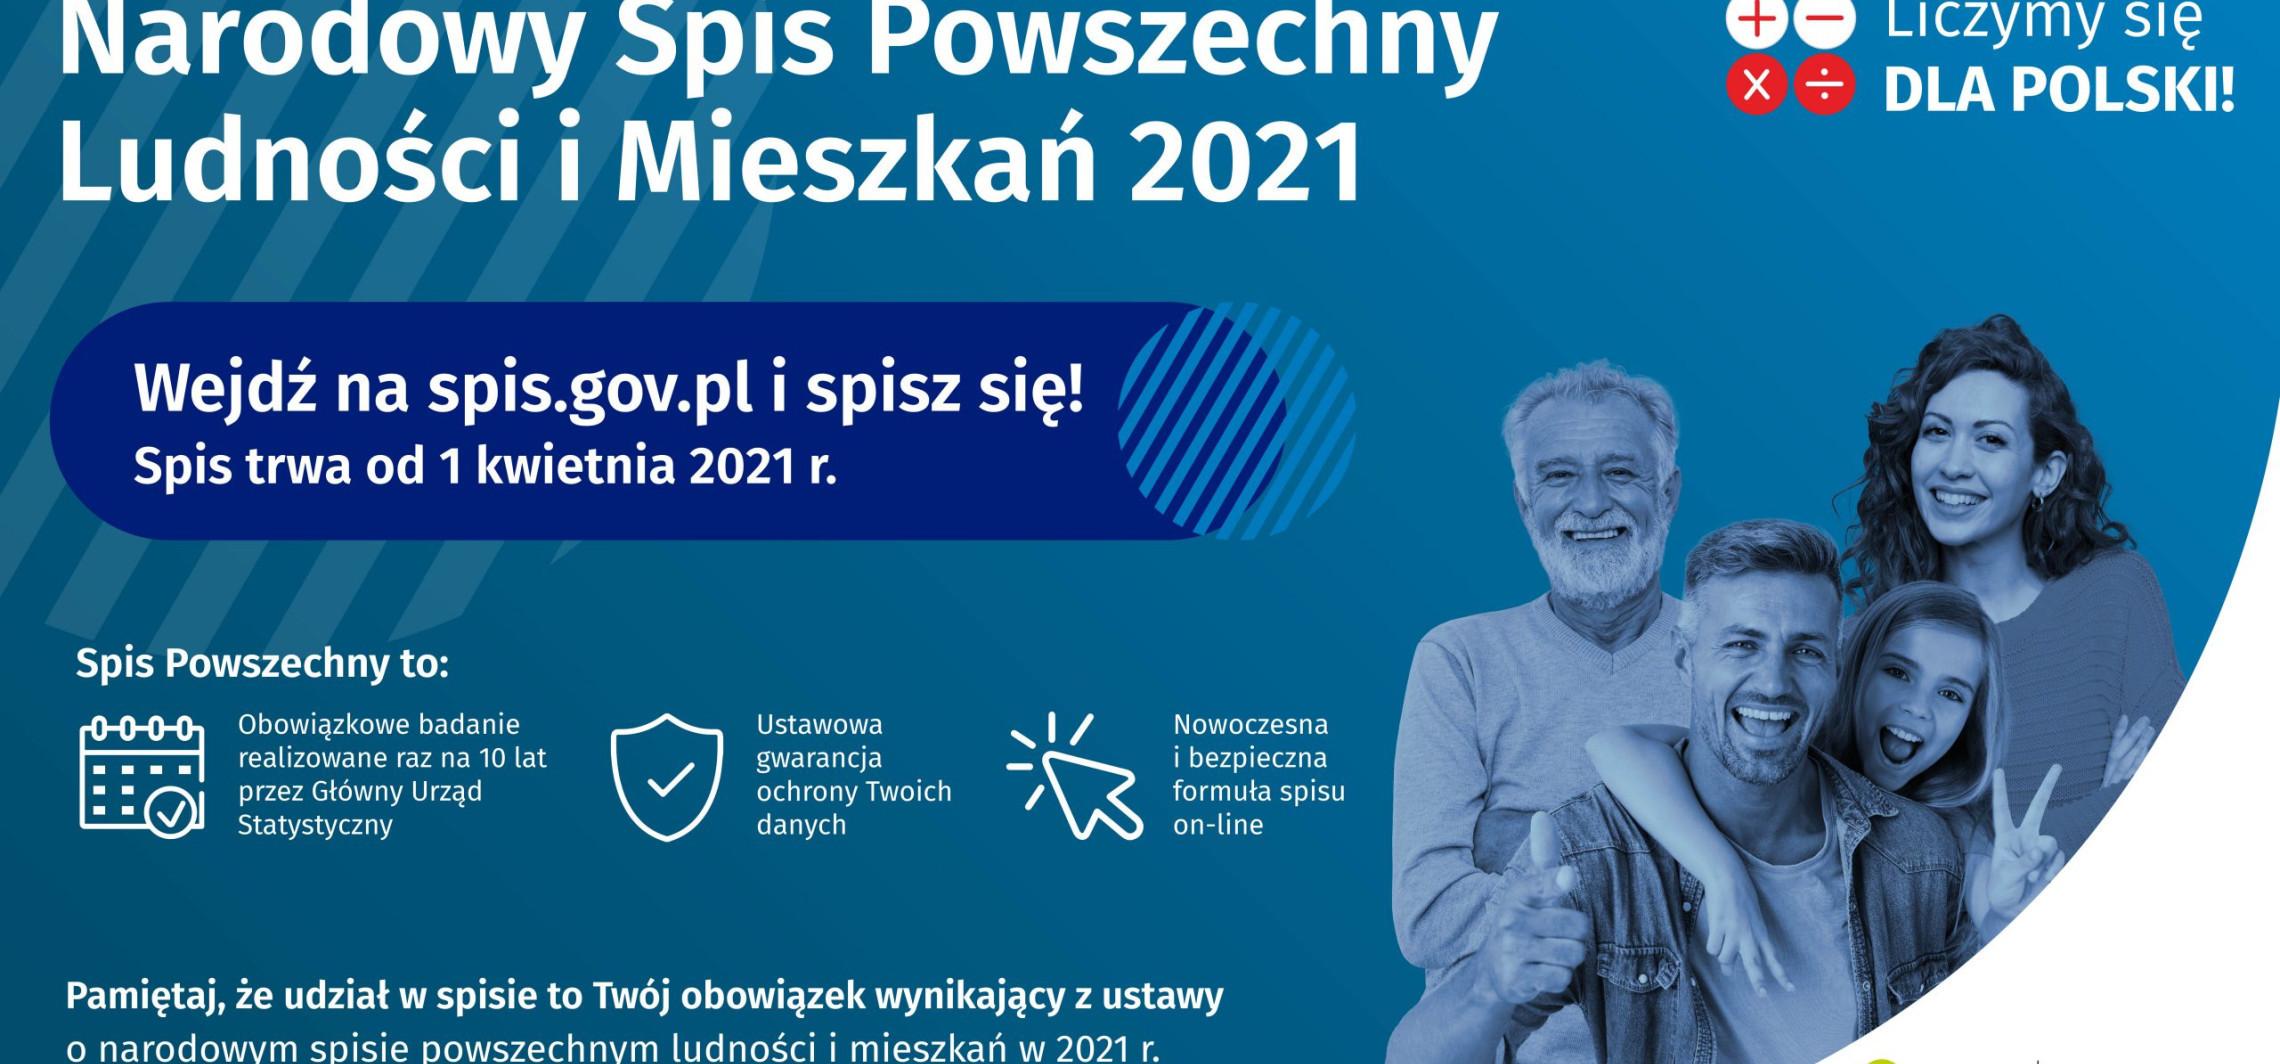 Inowrocław - Kolejne okazje do spisu. Miejsca i terminy